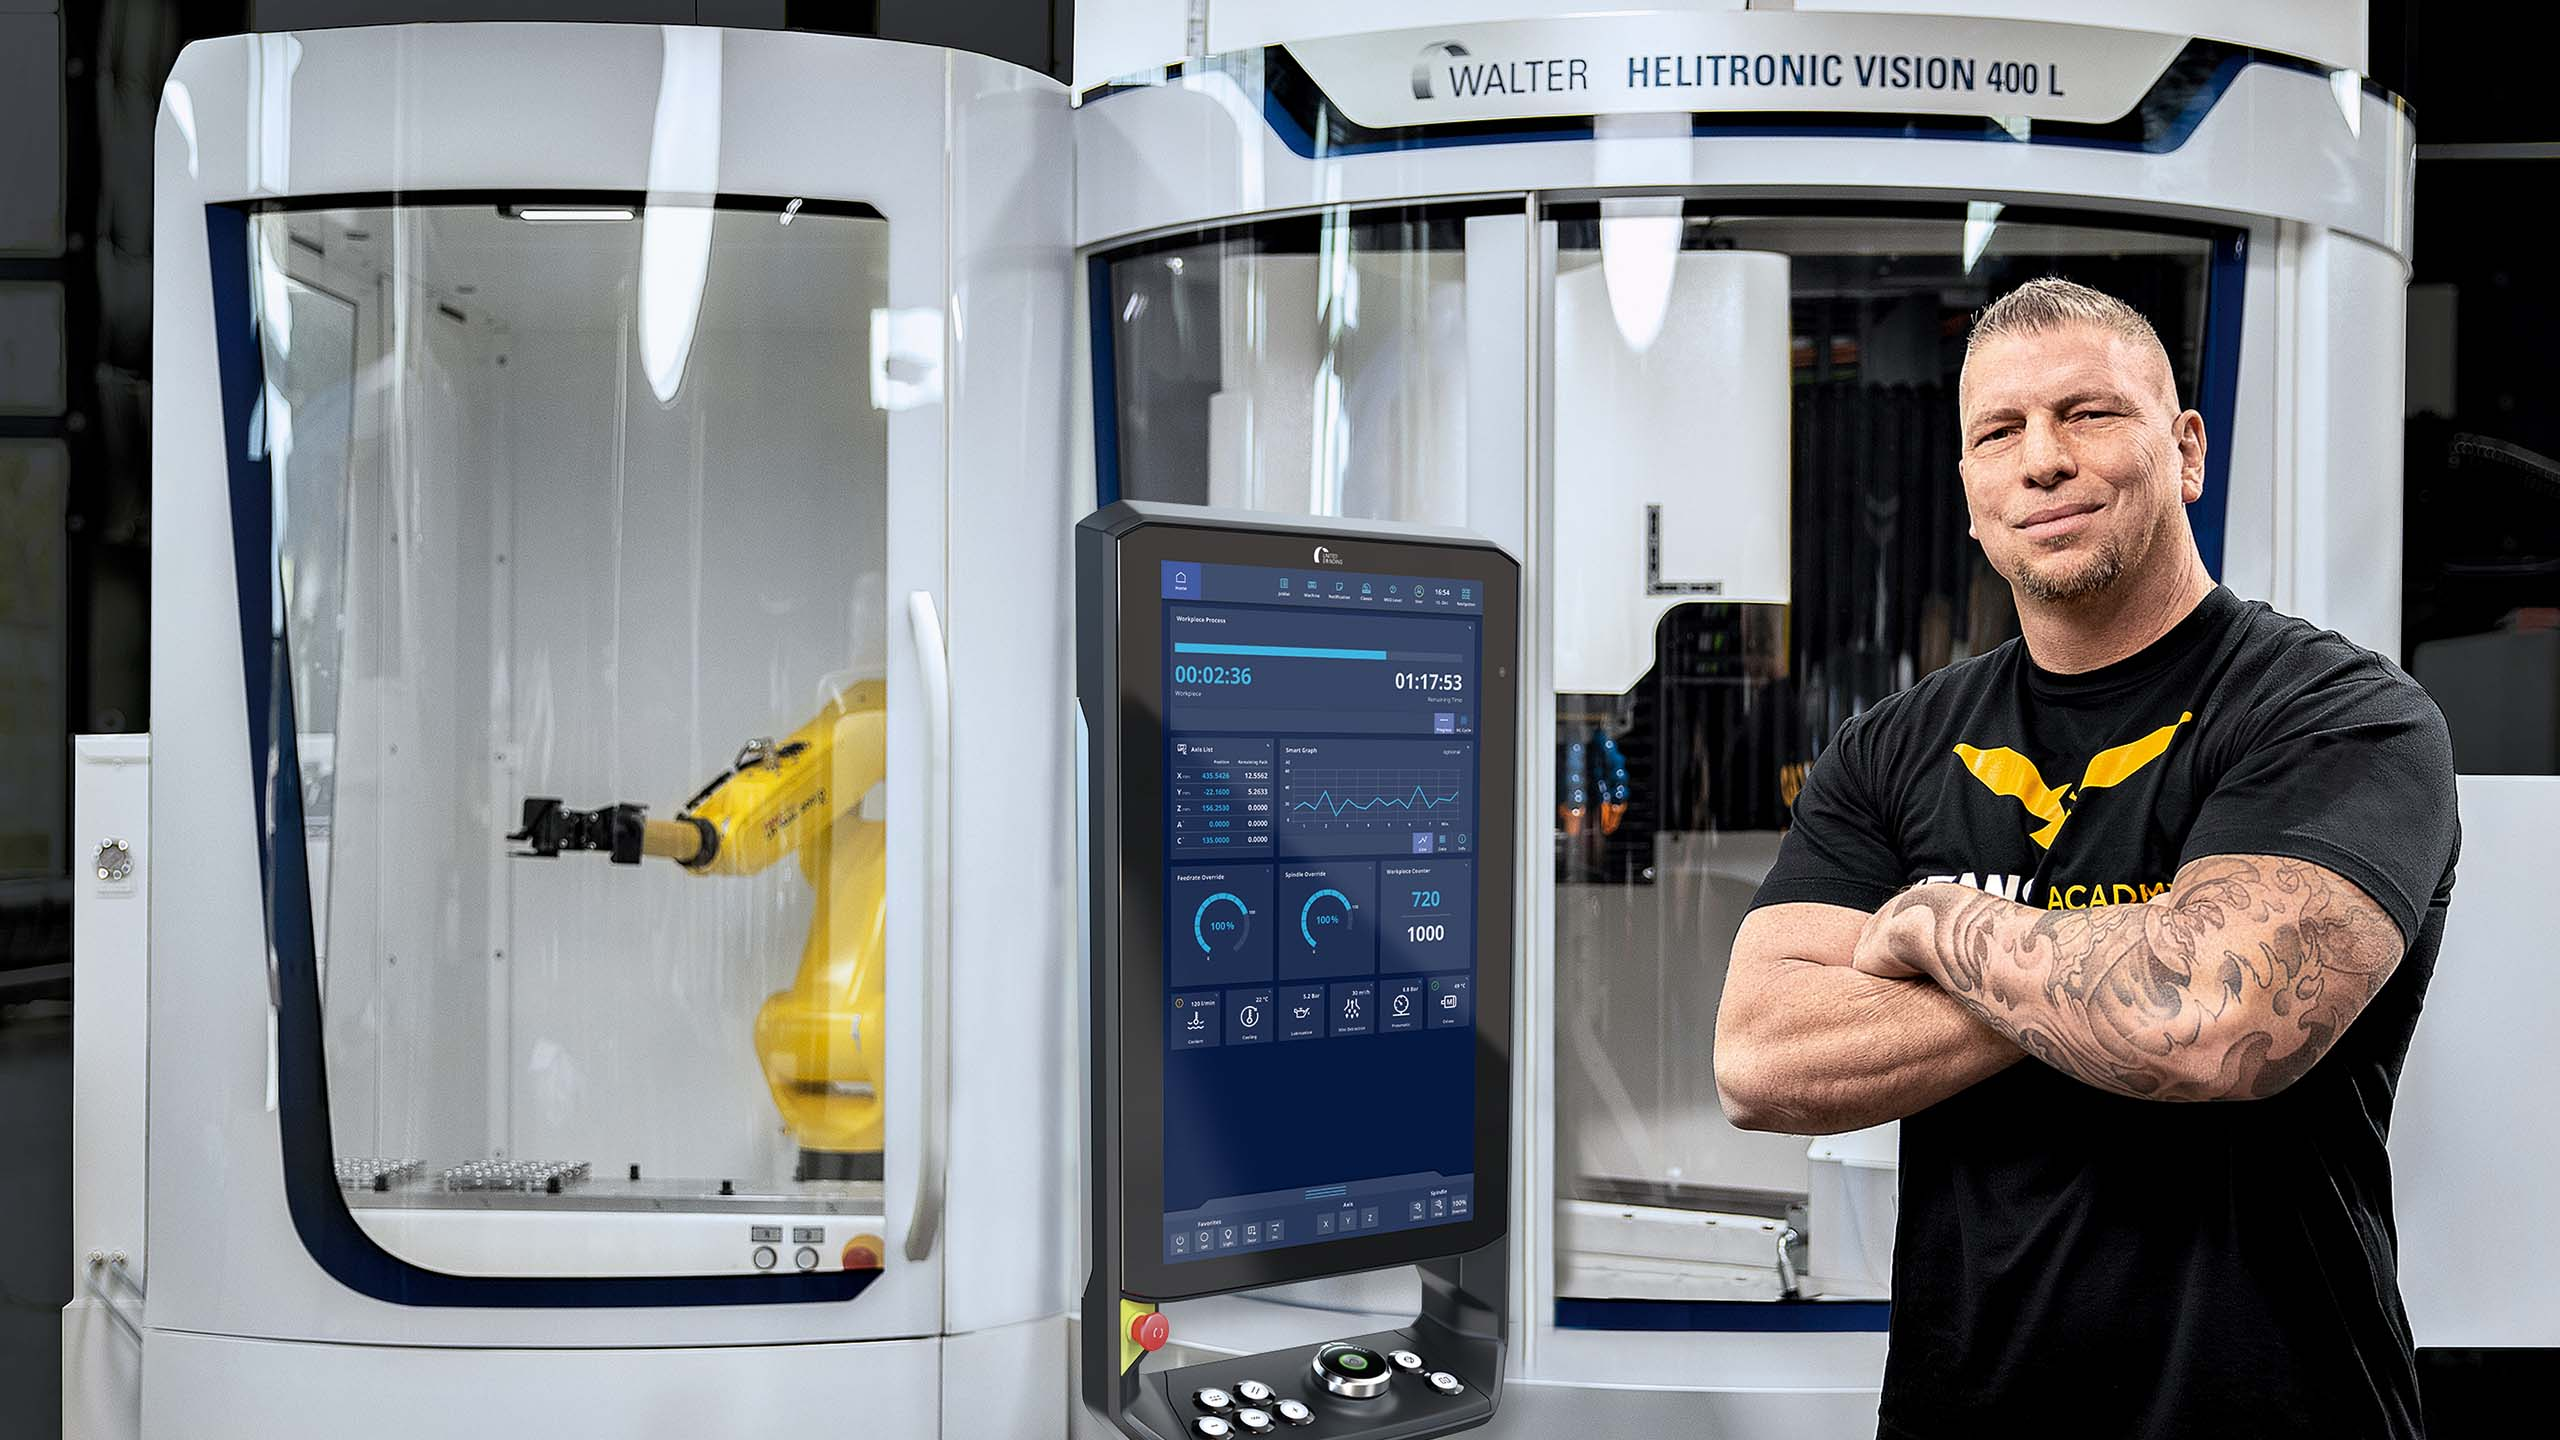 Partnerschaft mit TITANS of CNC zur Ausbildung in der Fertigung